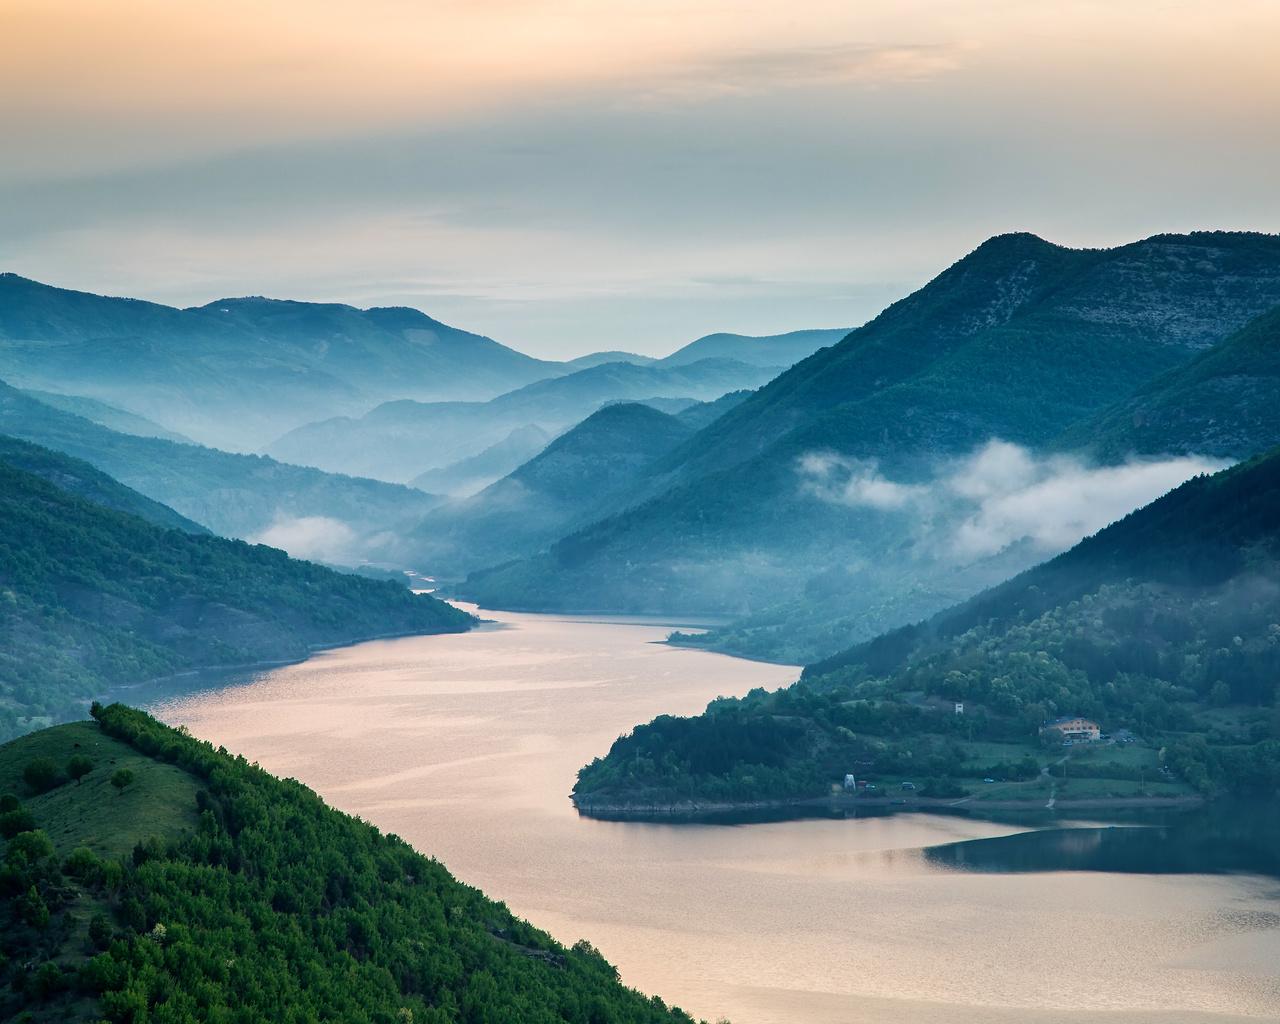 пейзаж, горы, природа